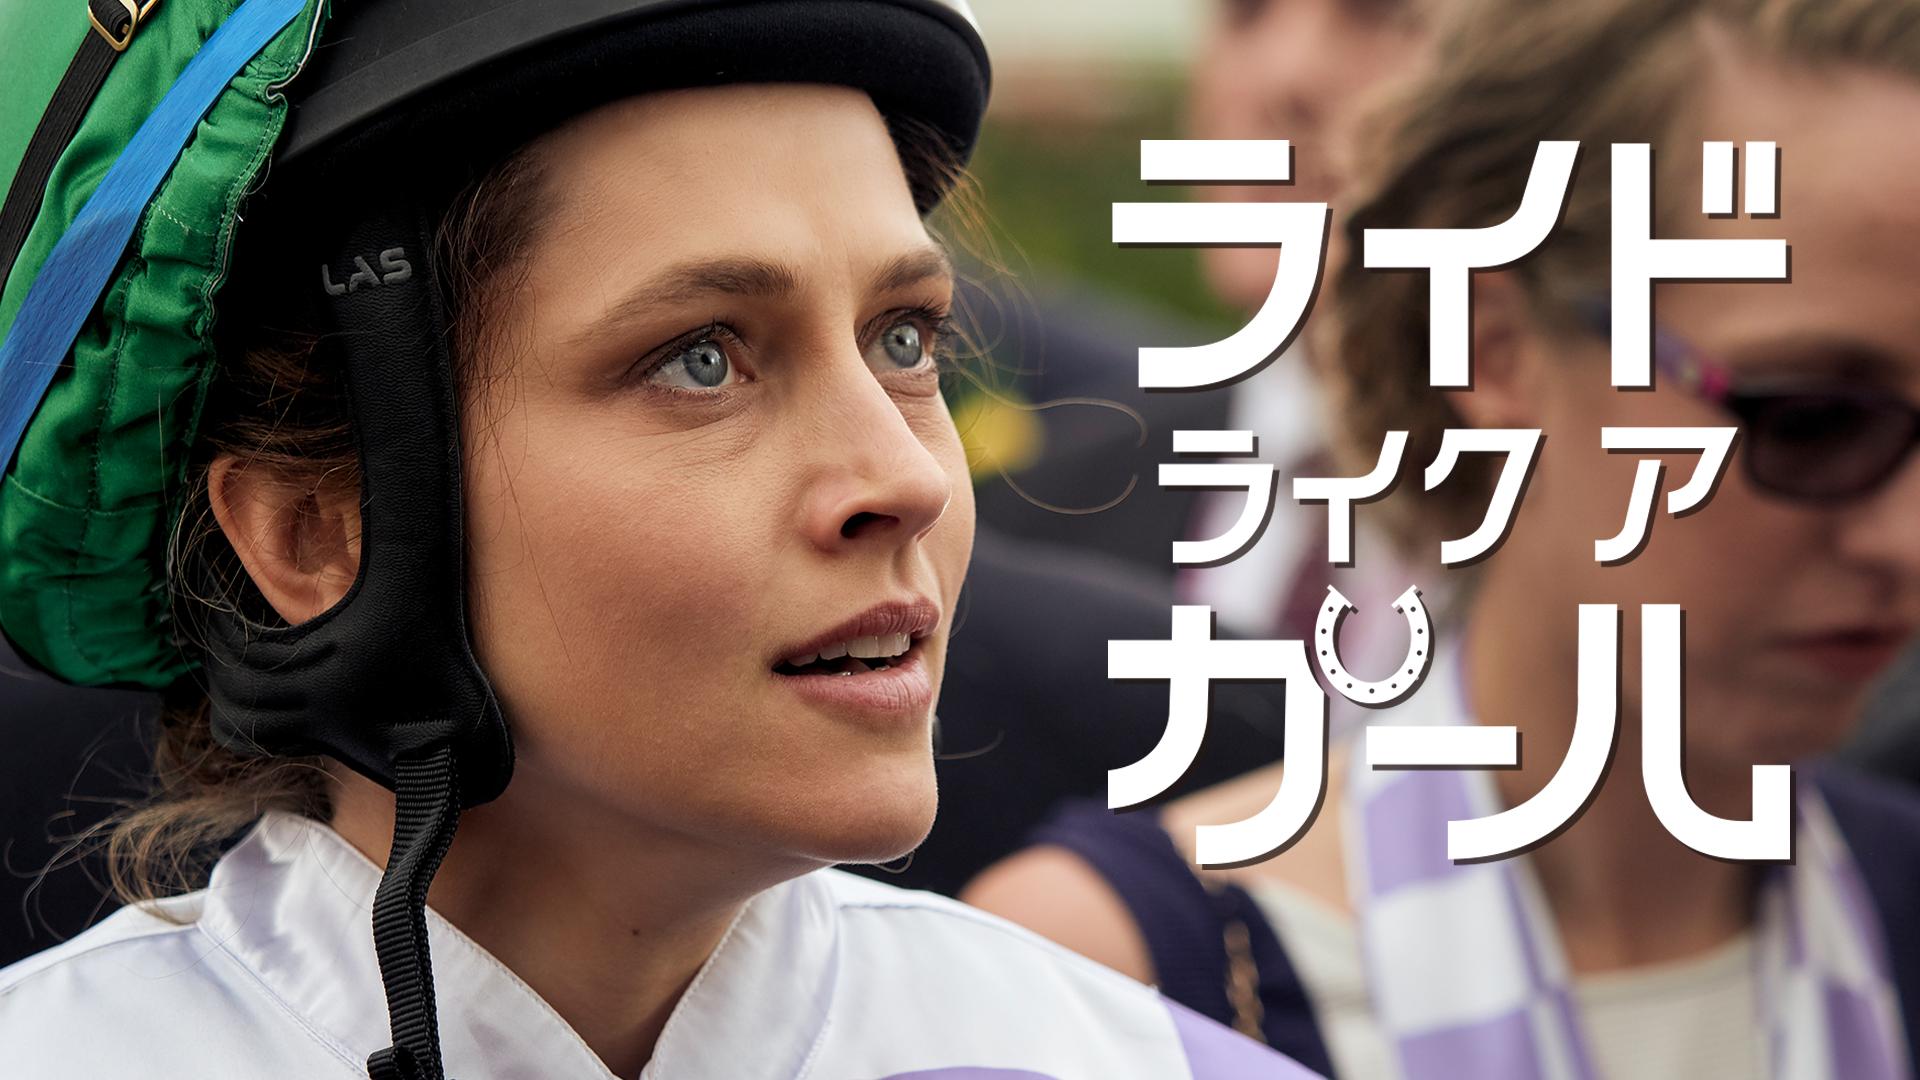 ライド・ライク・ア・ガール(字幕版)